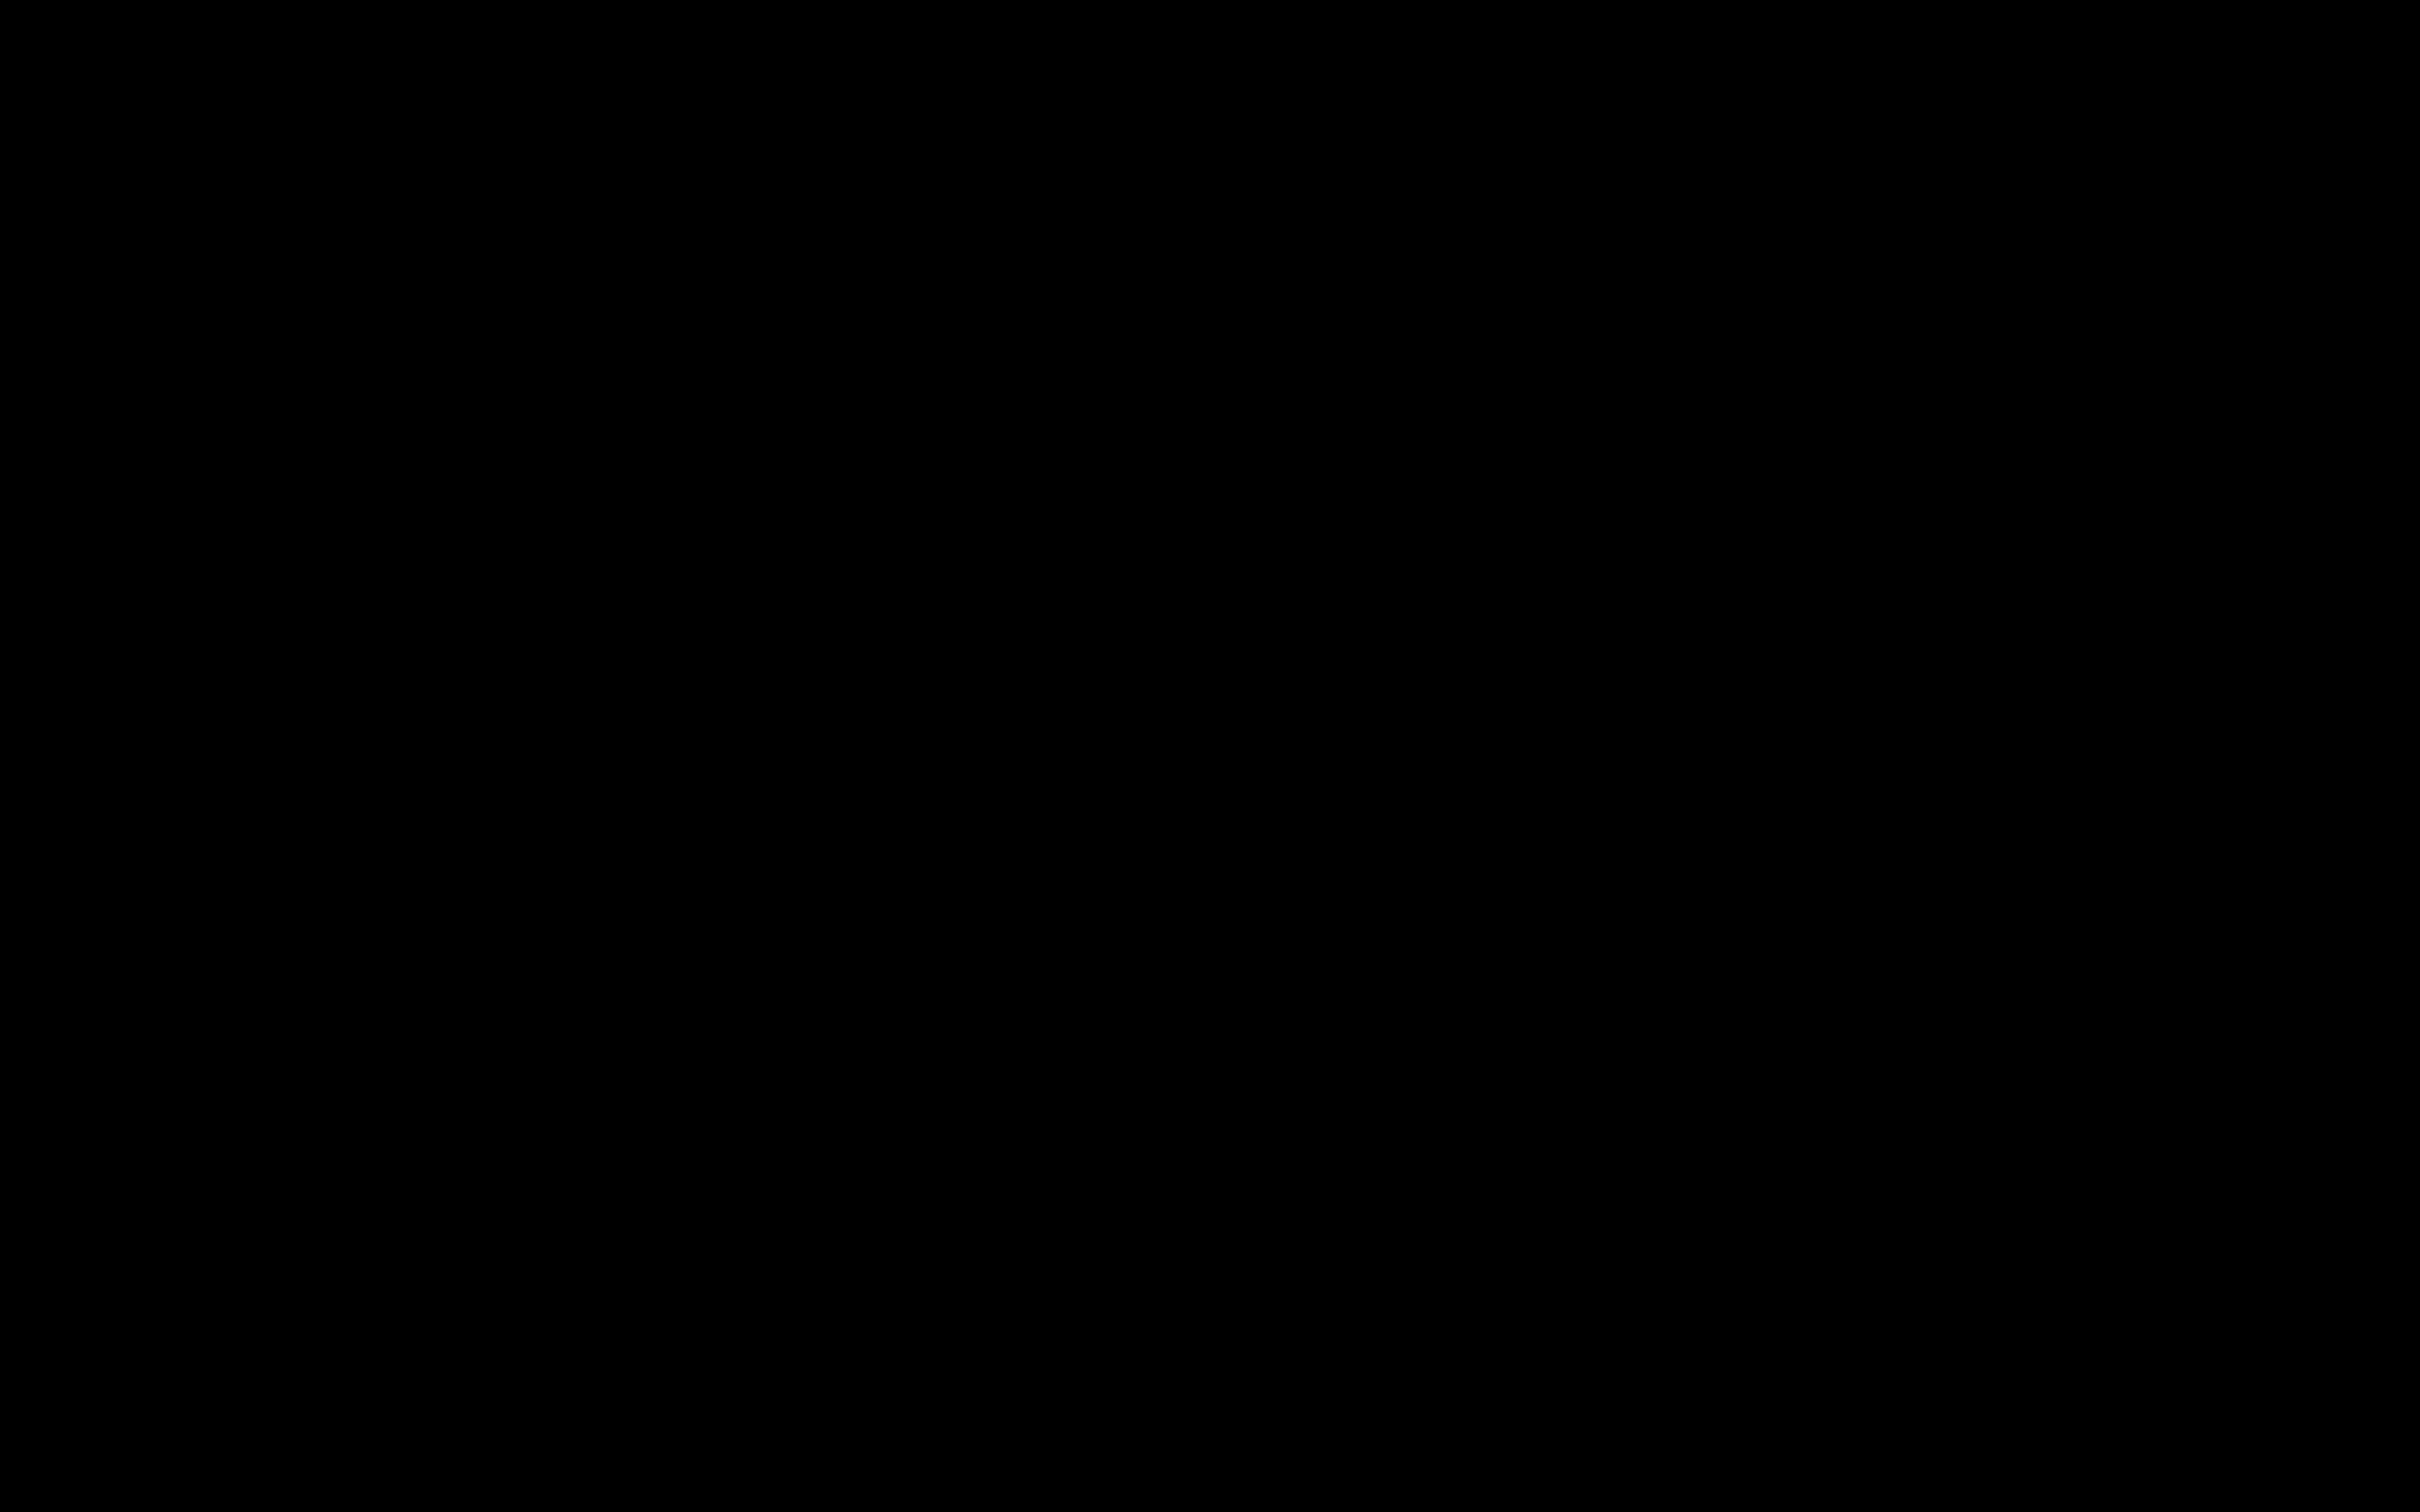 Eden-Marsh